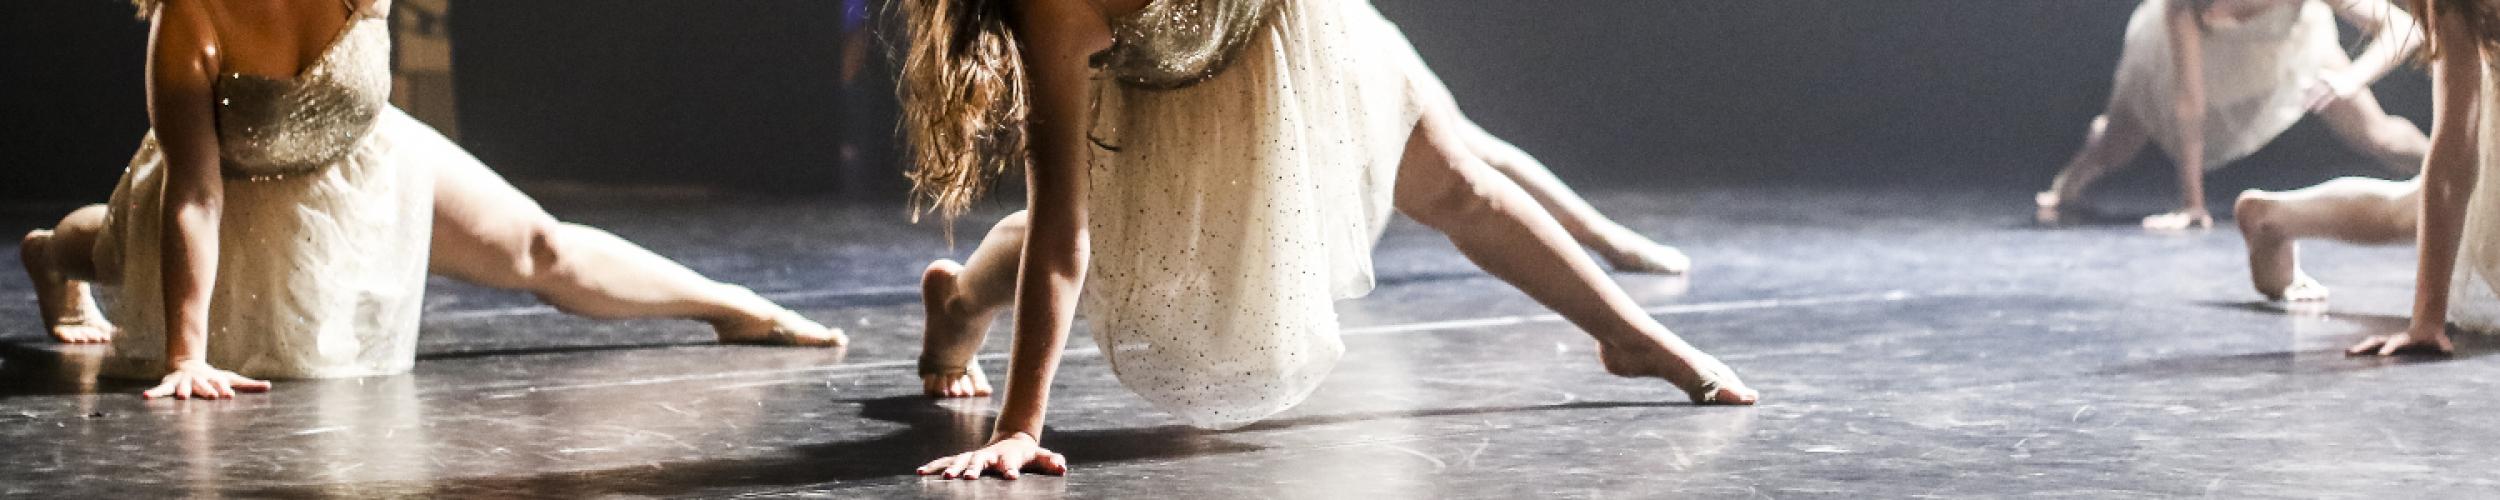 dansemoties beleef je tenvolle tijdens de danslessen jazz